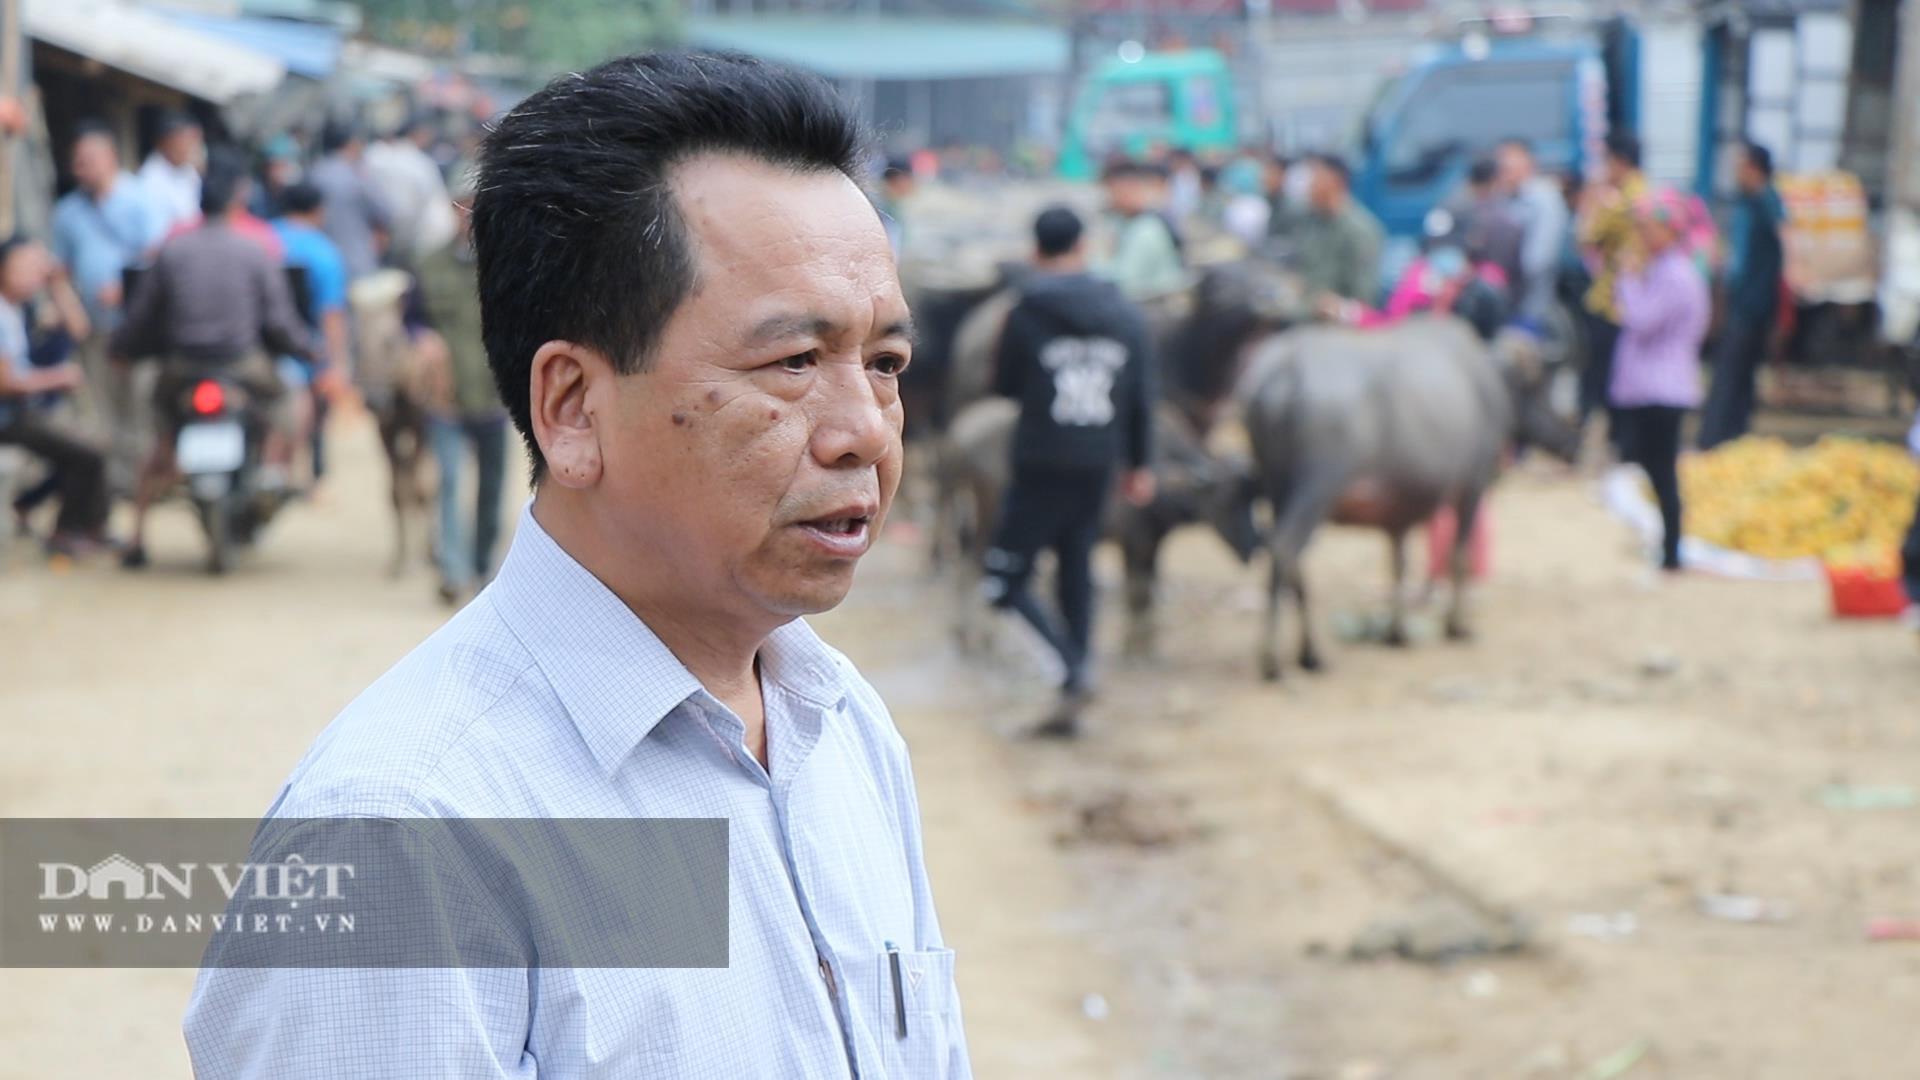 Bắc Kạn: Nguy cơ mất an toàn tại chợ trâu, bò Nghiên Loan - Ảnh 2.